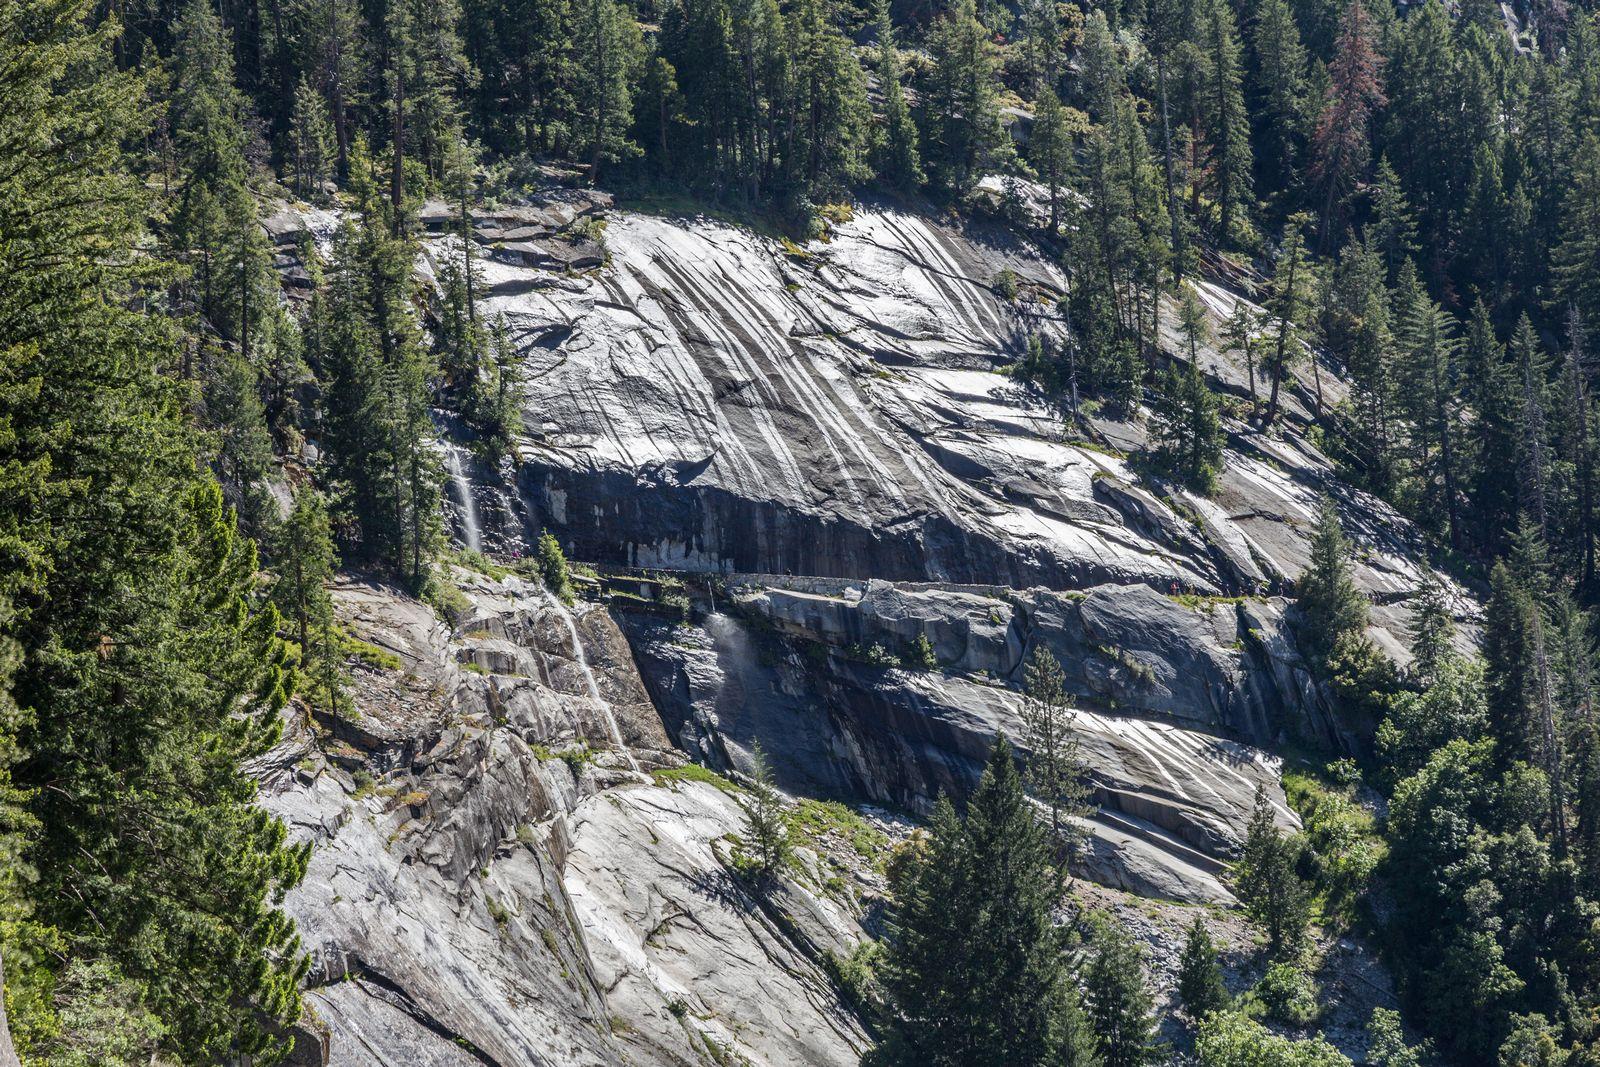 La ducha del John Muir Trail, ahora desde el lado opuesto